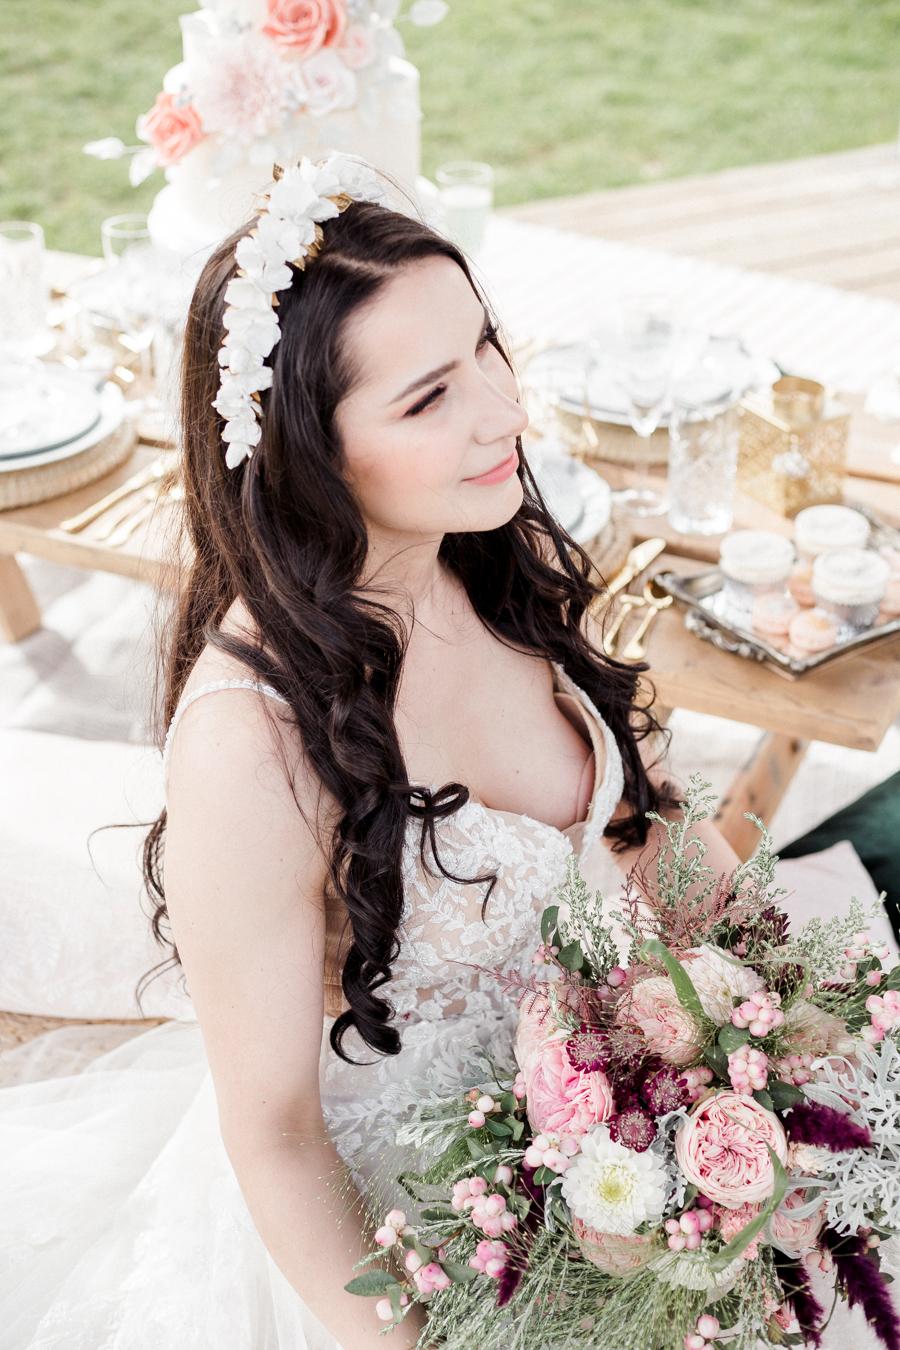 Hertfordshire Boho Themed Styled Wedding Shoot, photographer credit Absolute Photo UK (12)